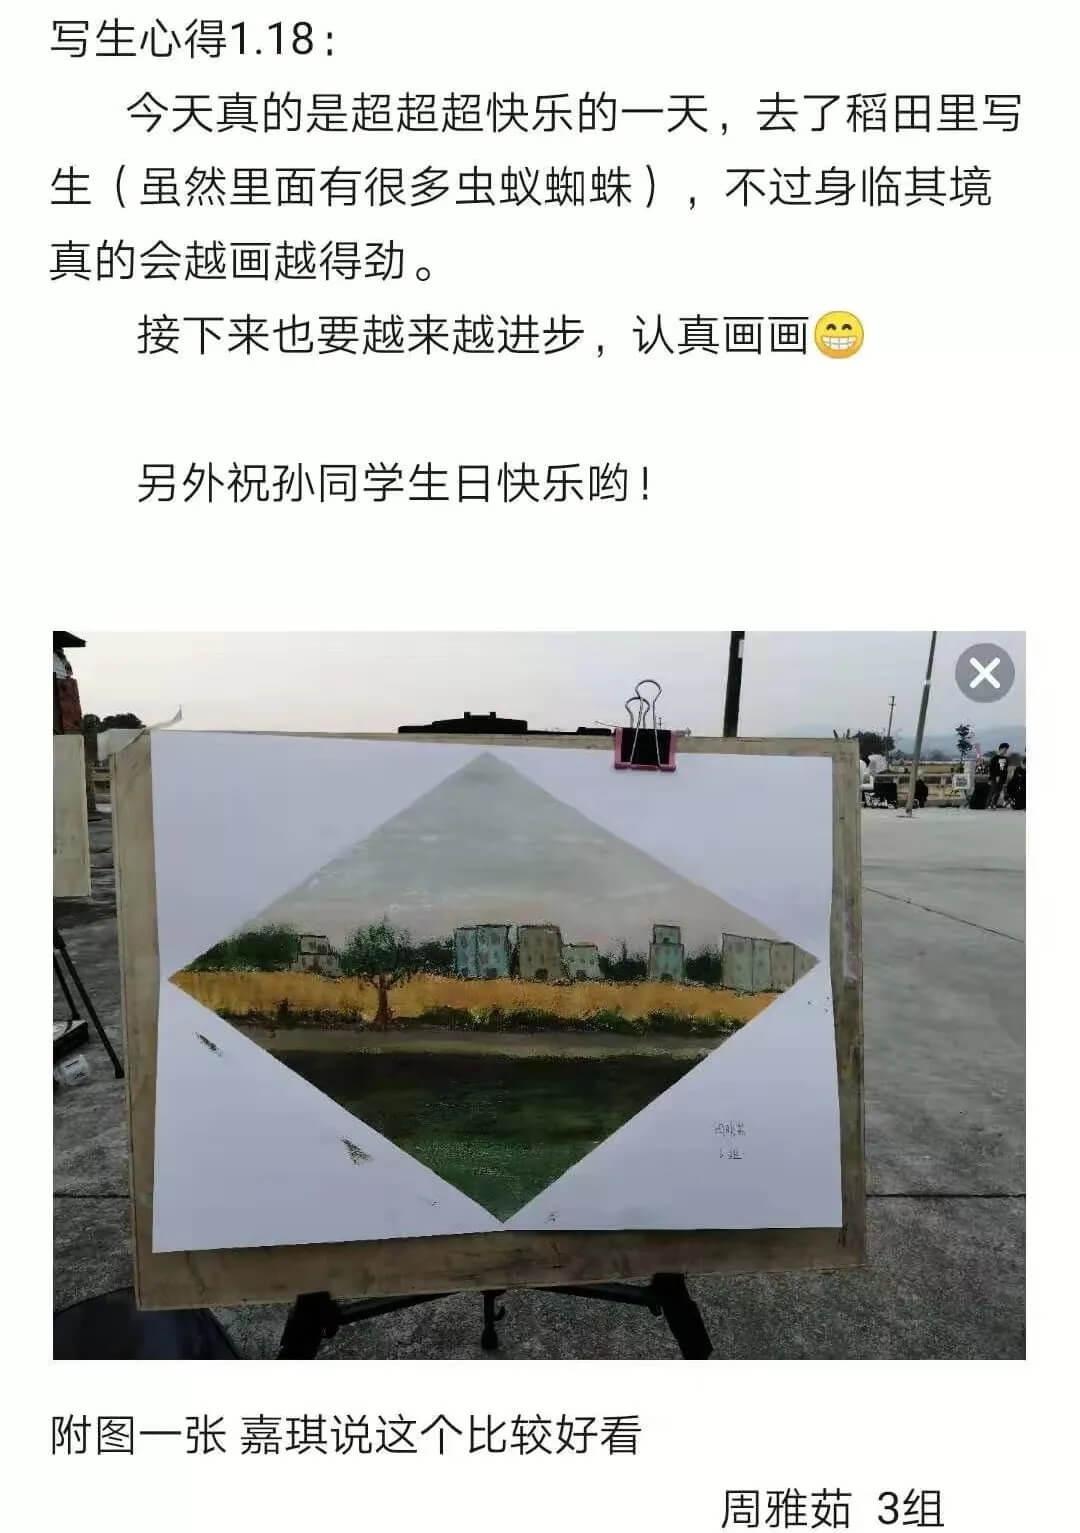 广州围墙画室,围墙画室,广州围墙美术培训,19